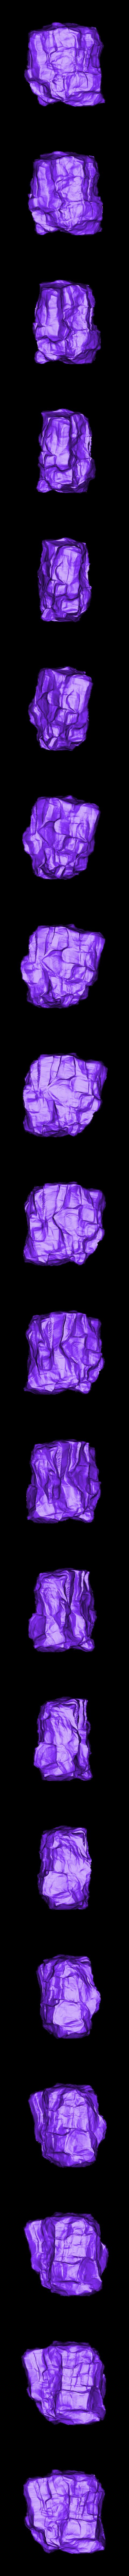 rock_SubTool9.stl Télécharger fichier STL gratuit Roches pour le wargame (collection de 18 roches haute résolution) • Design pour impression 3D, BREXIT